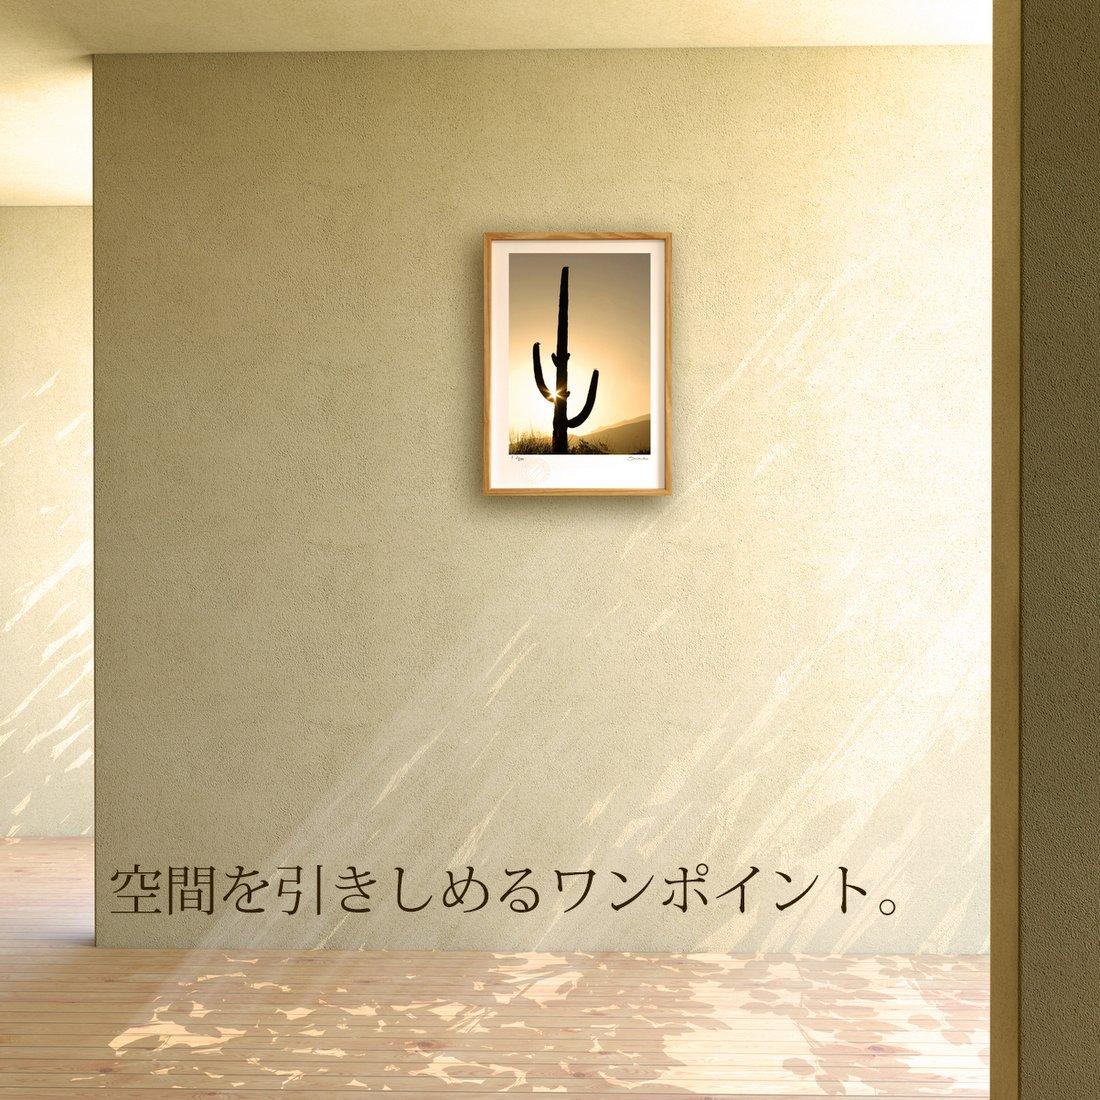 【版画 絵画】カクタスアート8(スミコ スコット)/インテリア 壁掛け 額入り アート アートパネル アートフレーム